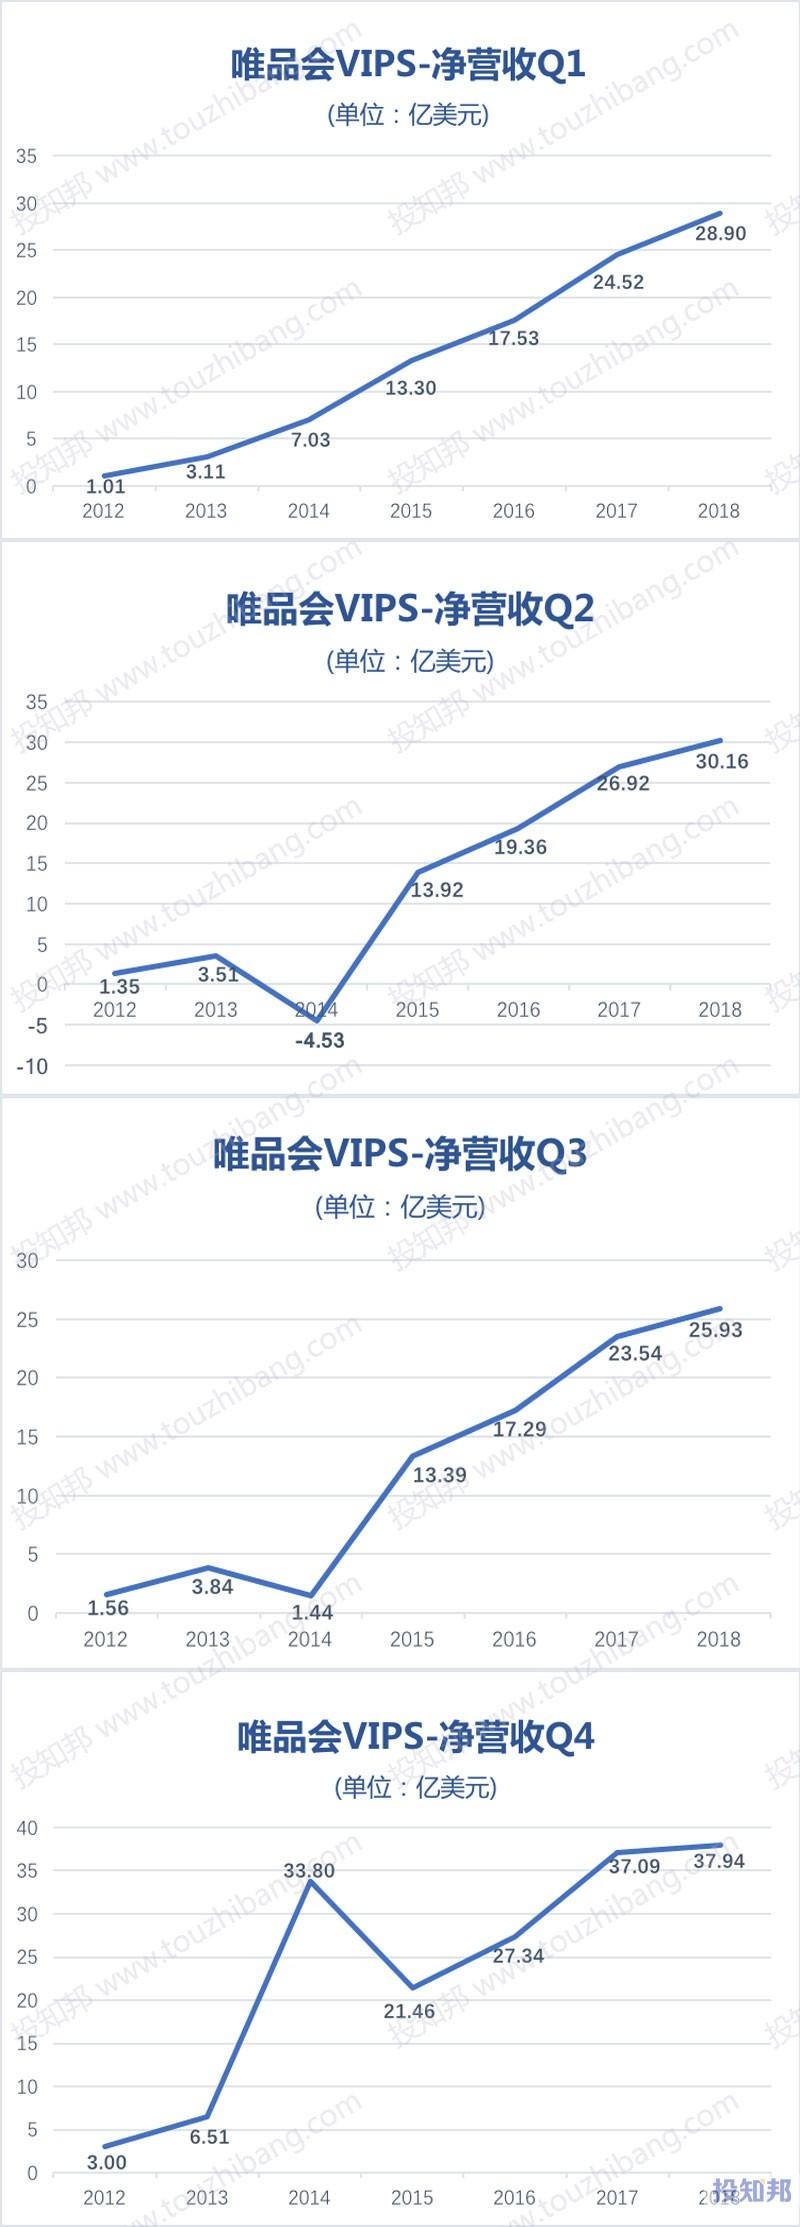 图解唯品会(VIPS)财报数据(以美元计,2012~2018年,更新)